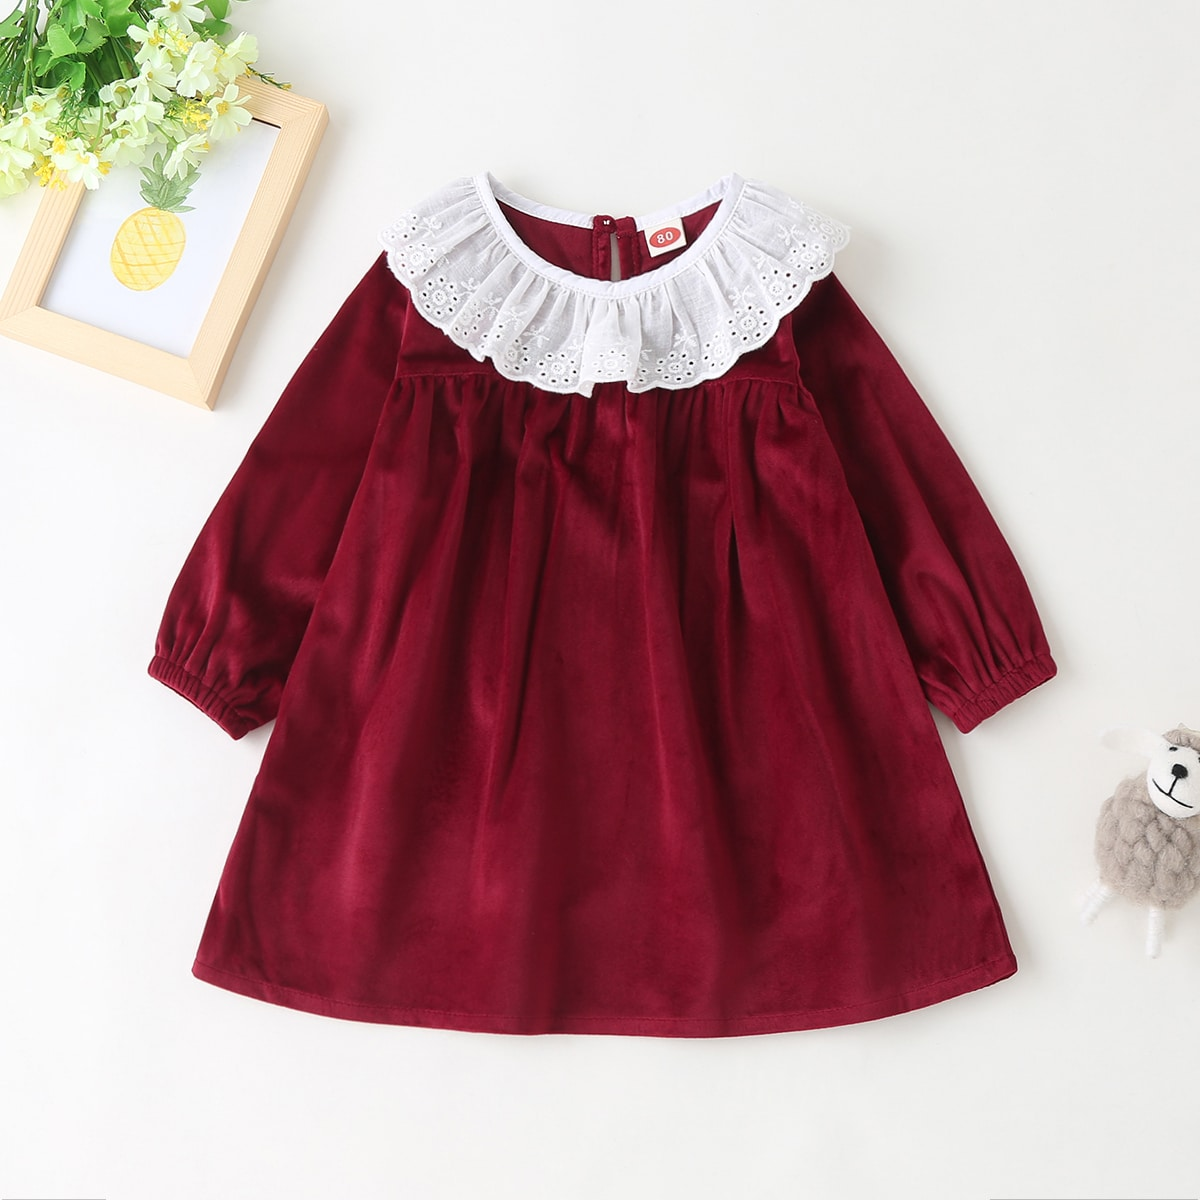 Бархатное платье с ажурной вышивкой для девочек